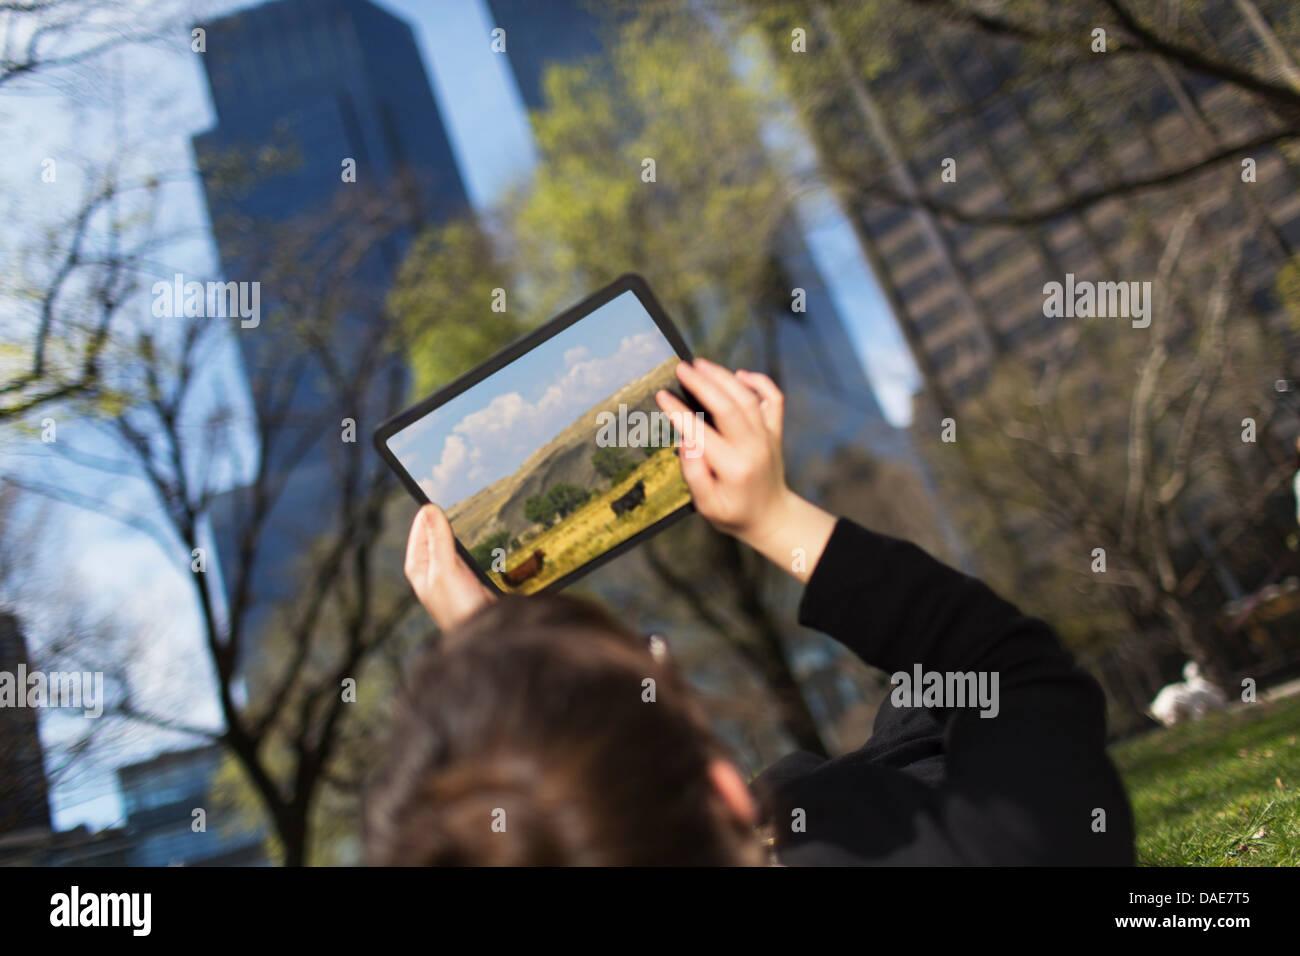 Frau im Stadtpark Blick auf digitale Tablet-Bildschirm Stockbild